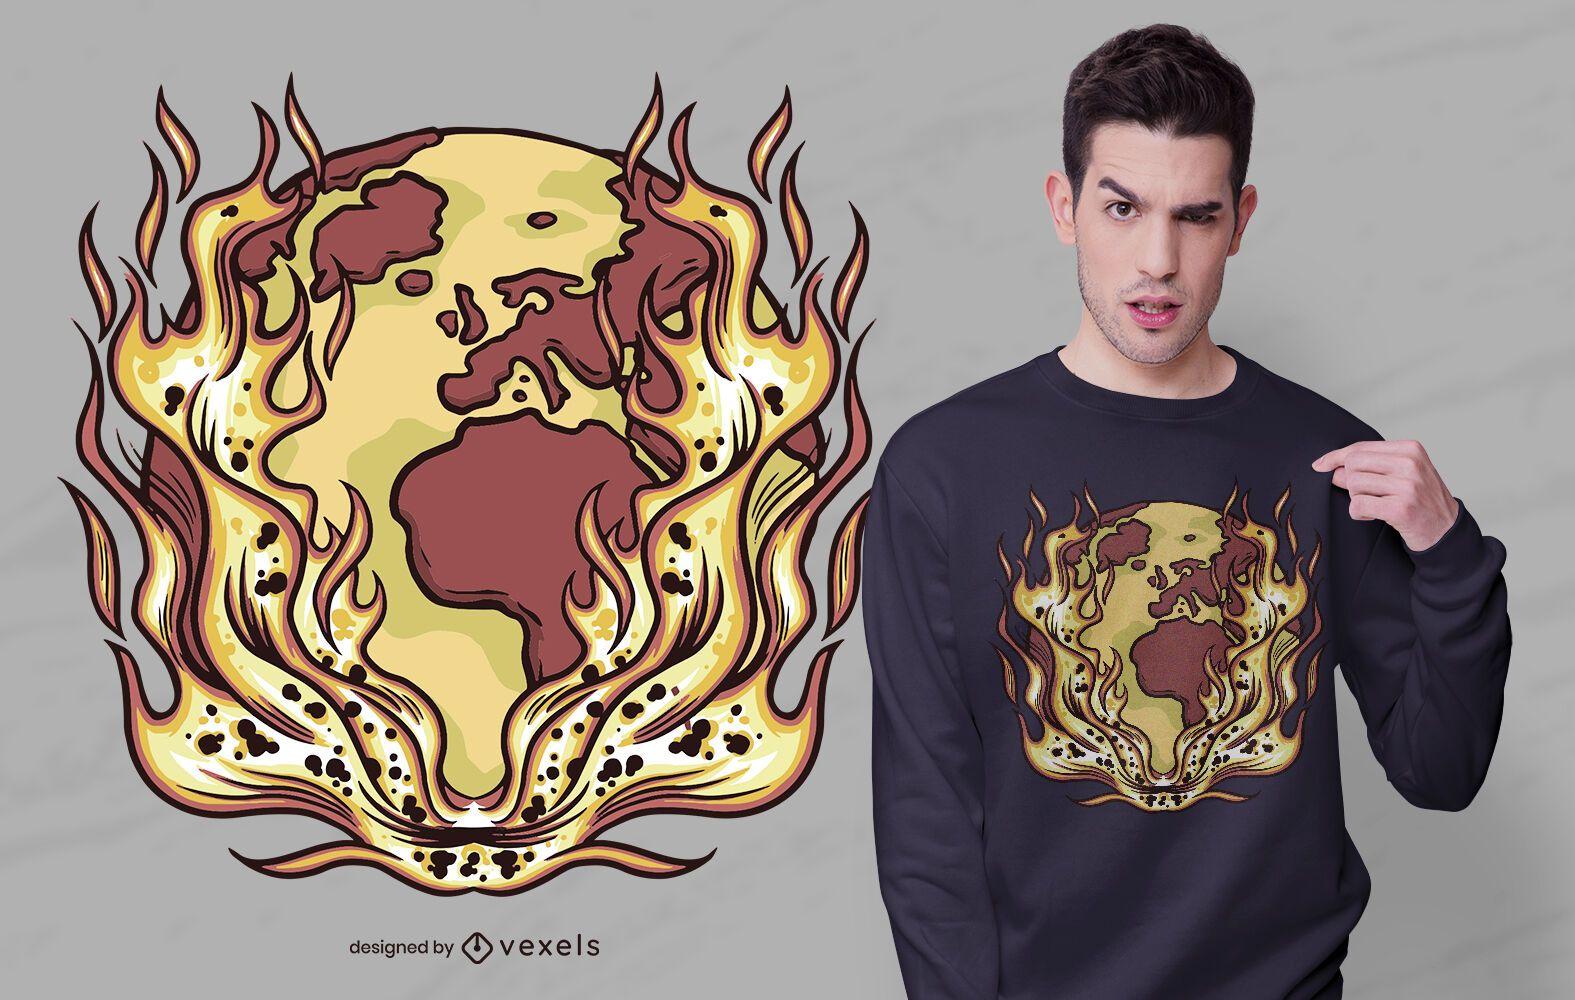 Earth fire t-shirt design